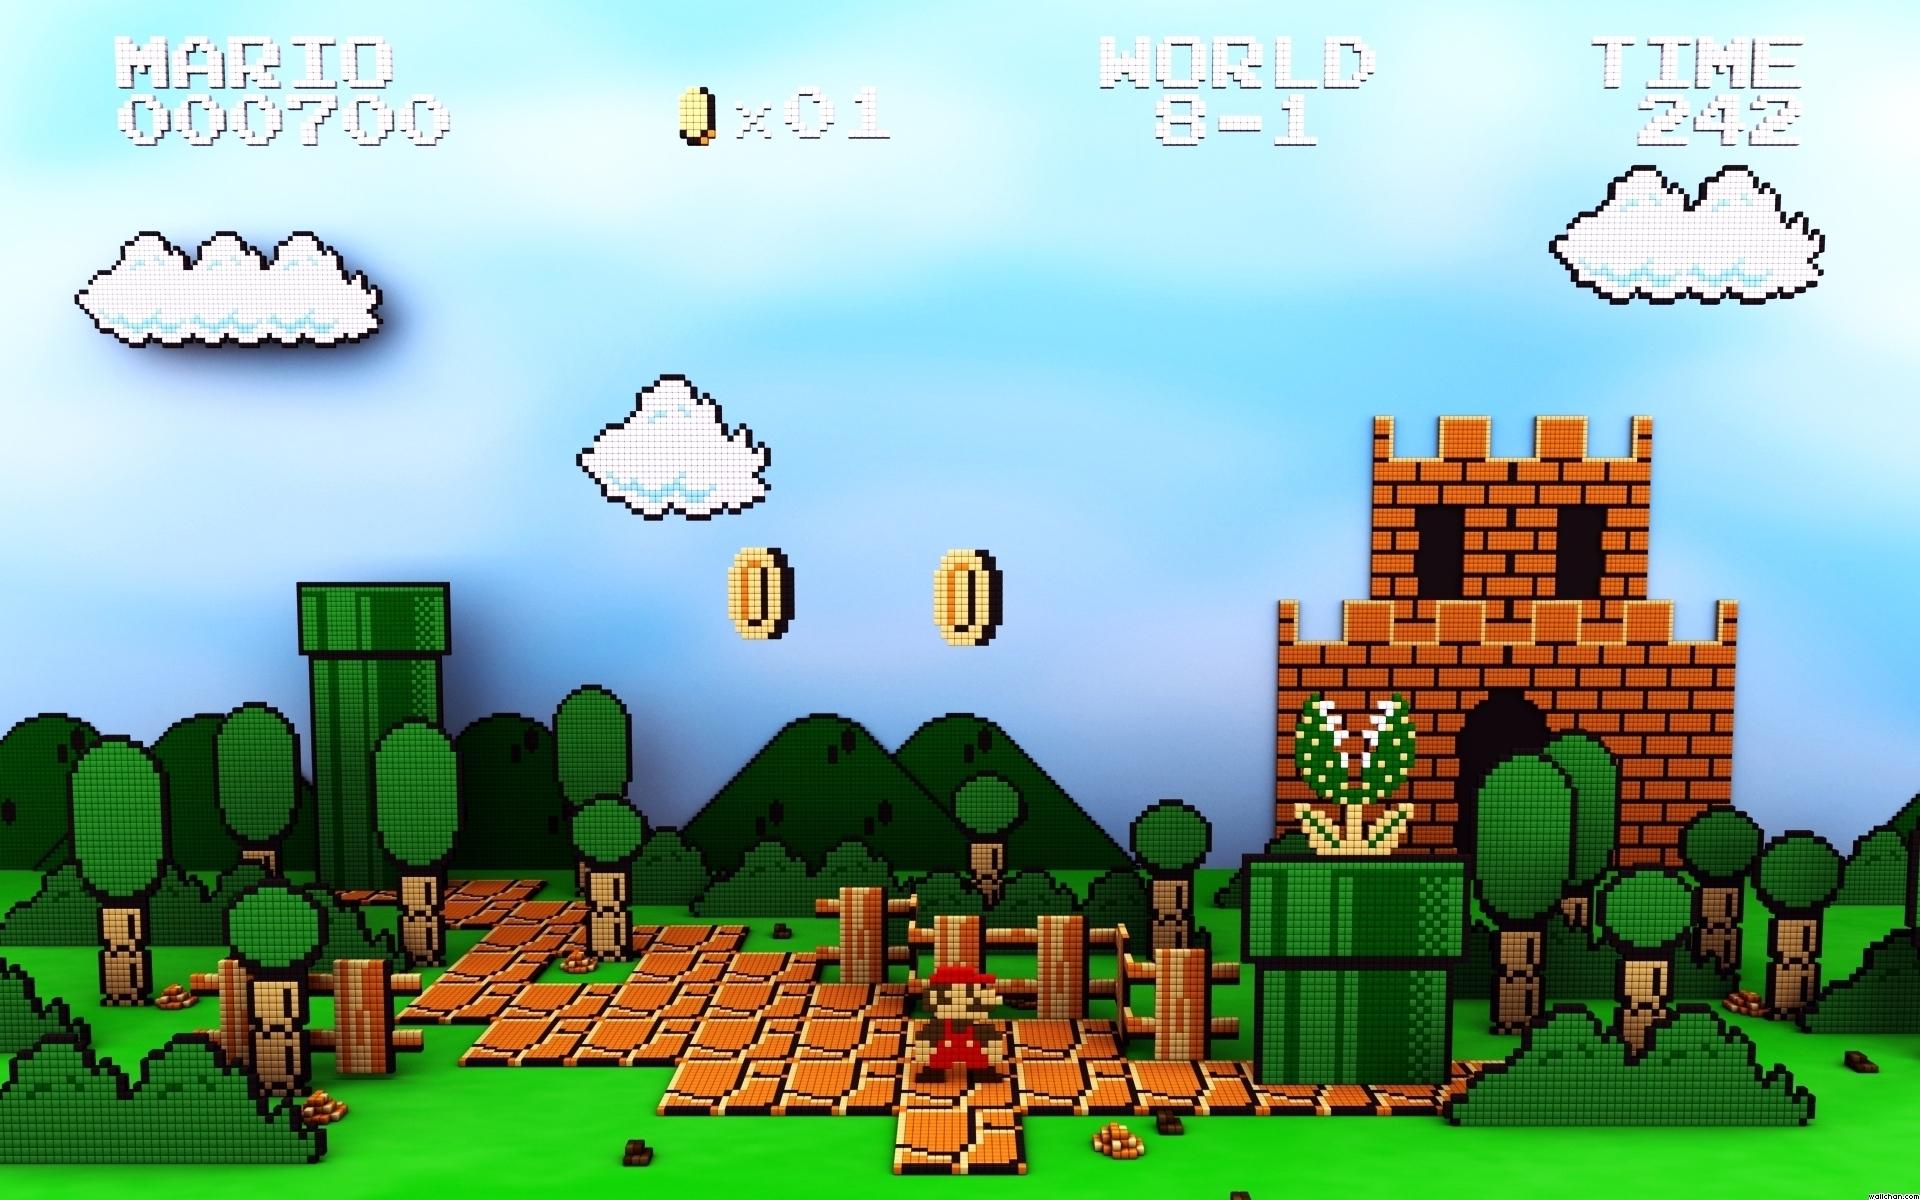 Super Mario Bros Hd Wallpaper